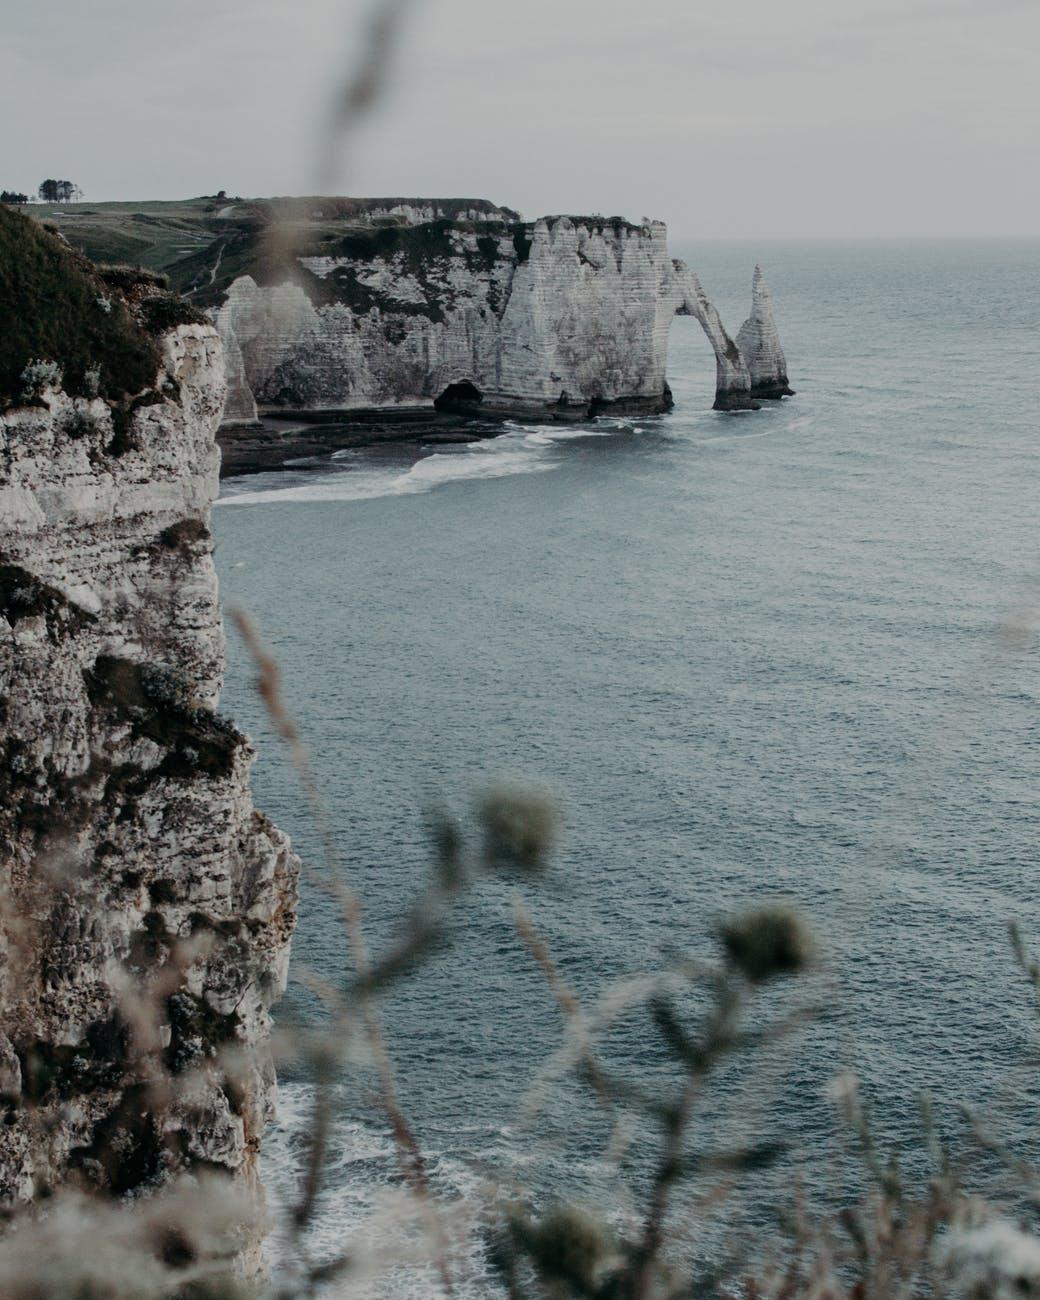 grassy cliffs near endless sea